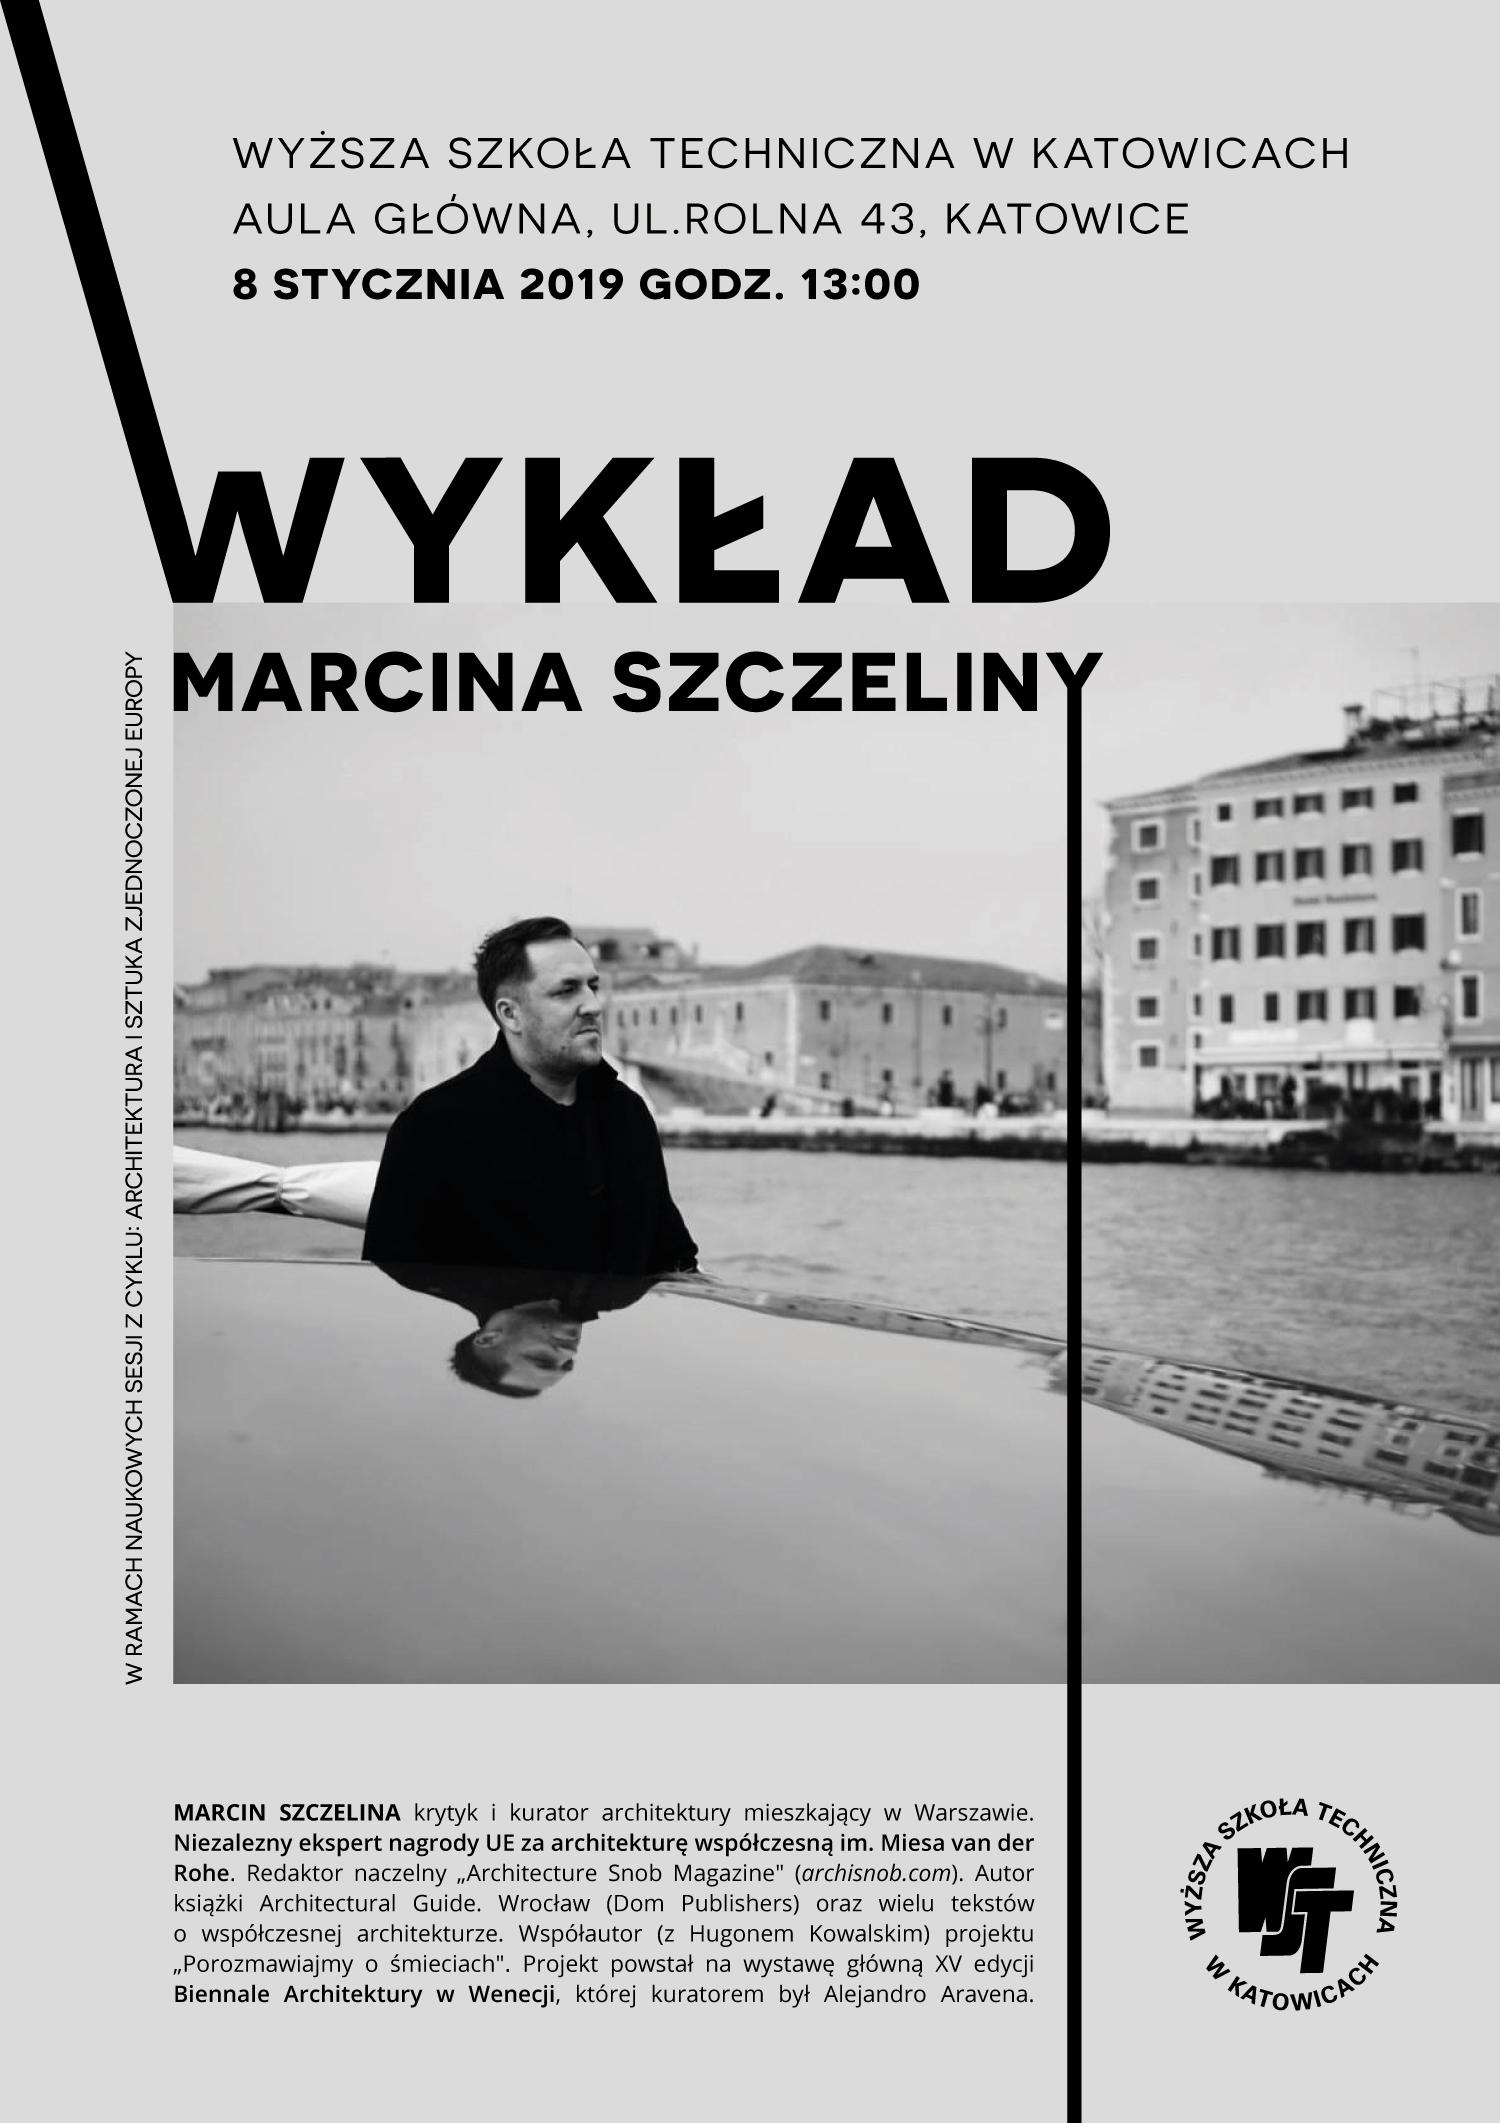 Architektura i sztuka zjednoczonej Europy - wykład gościnny Marcina Szczeliny